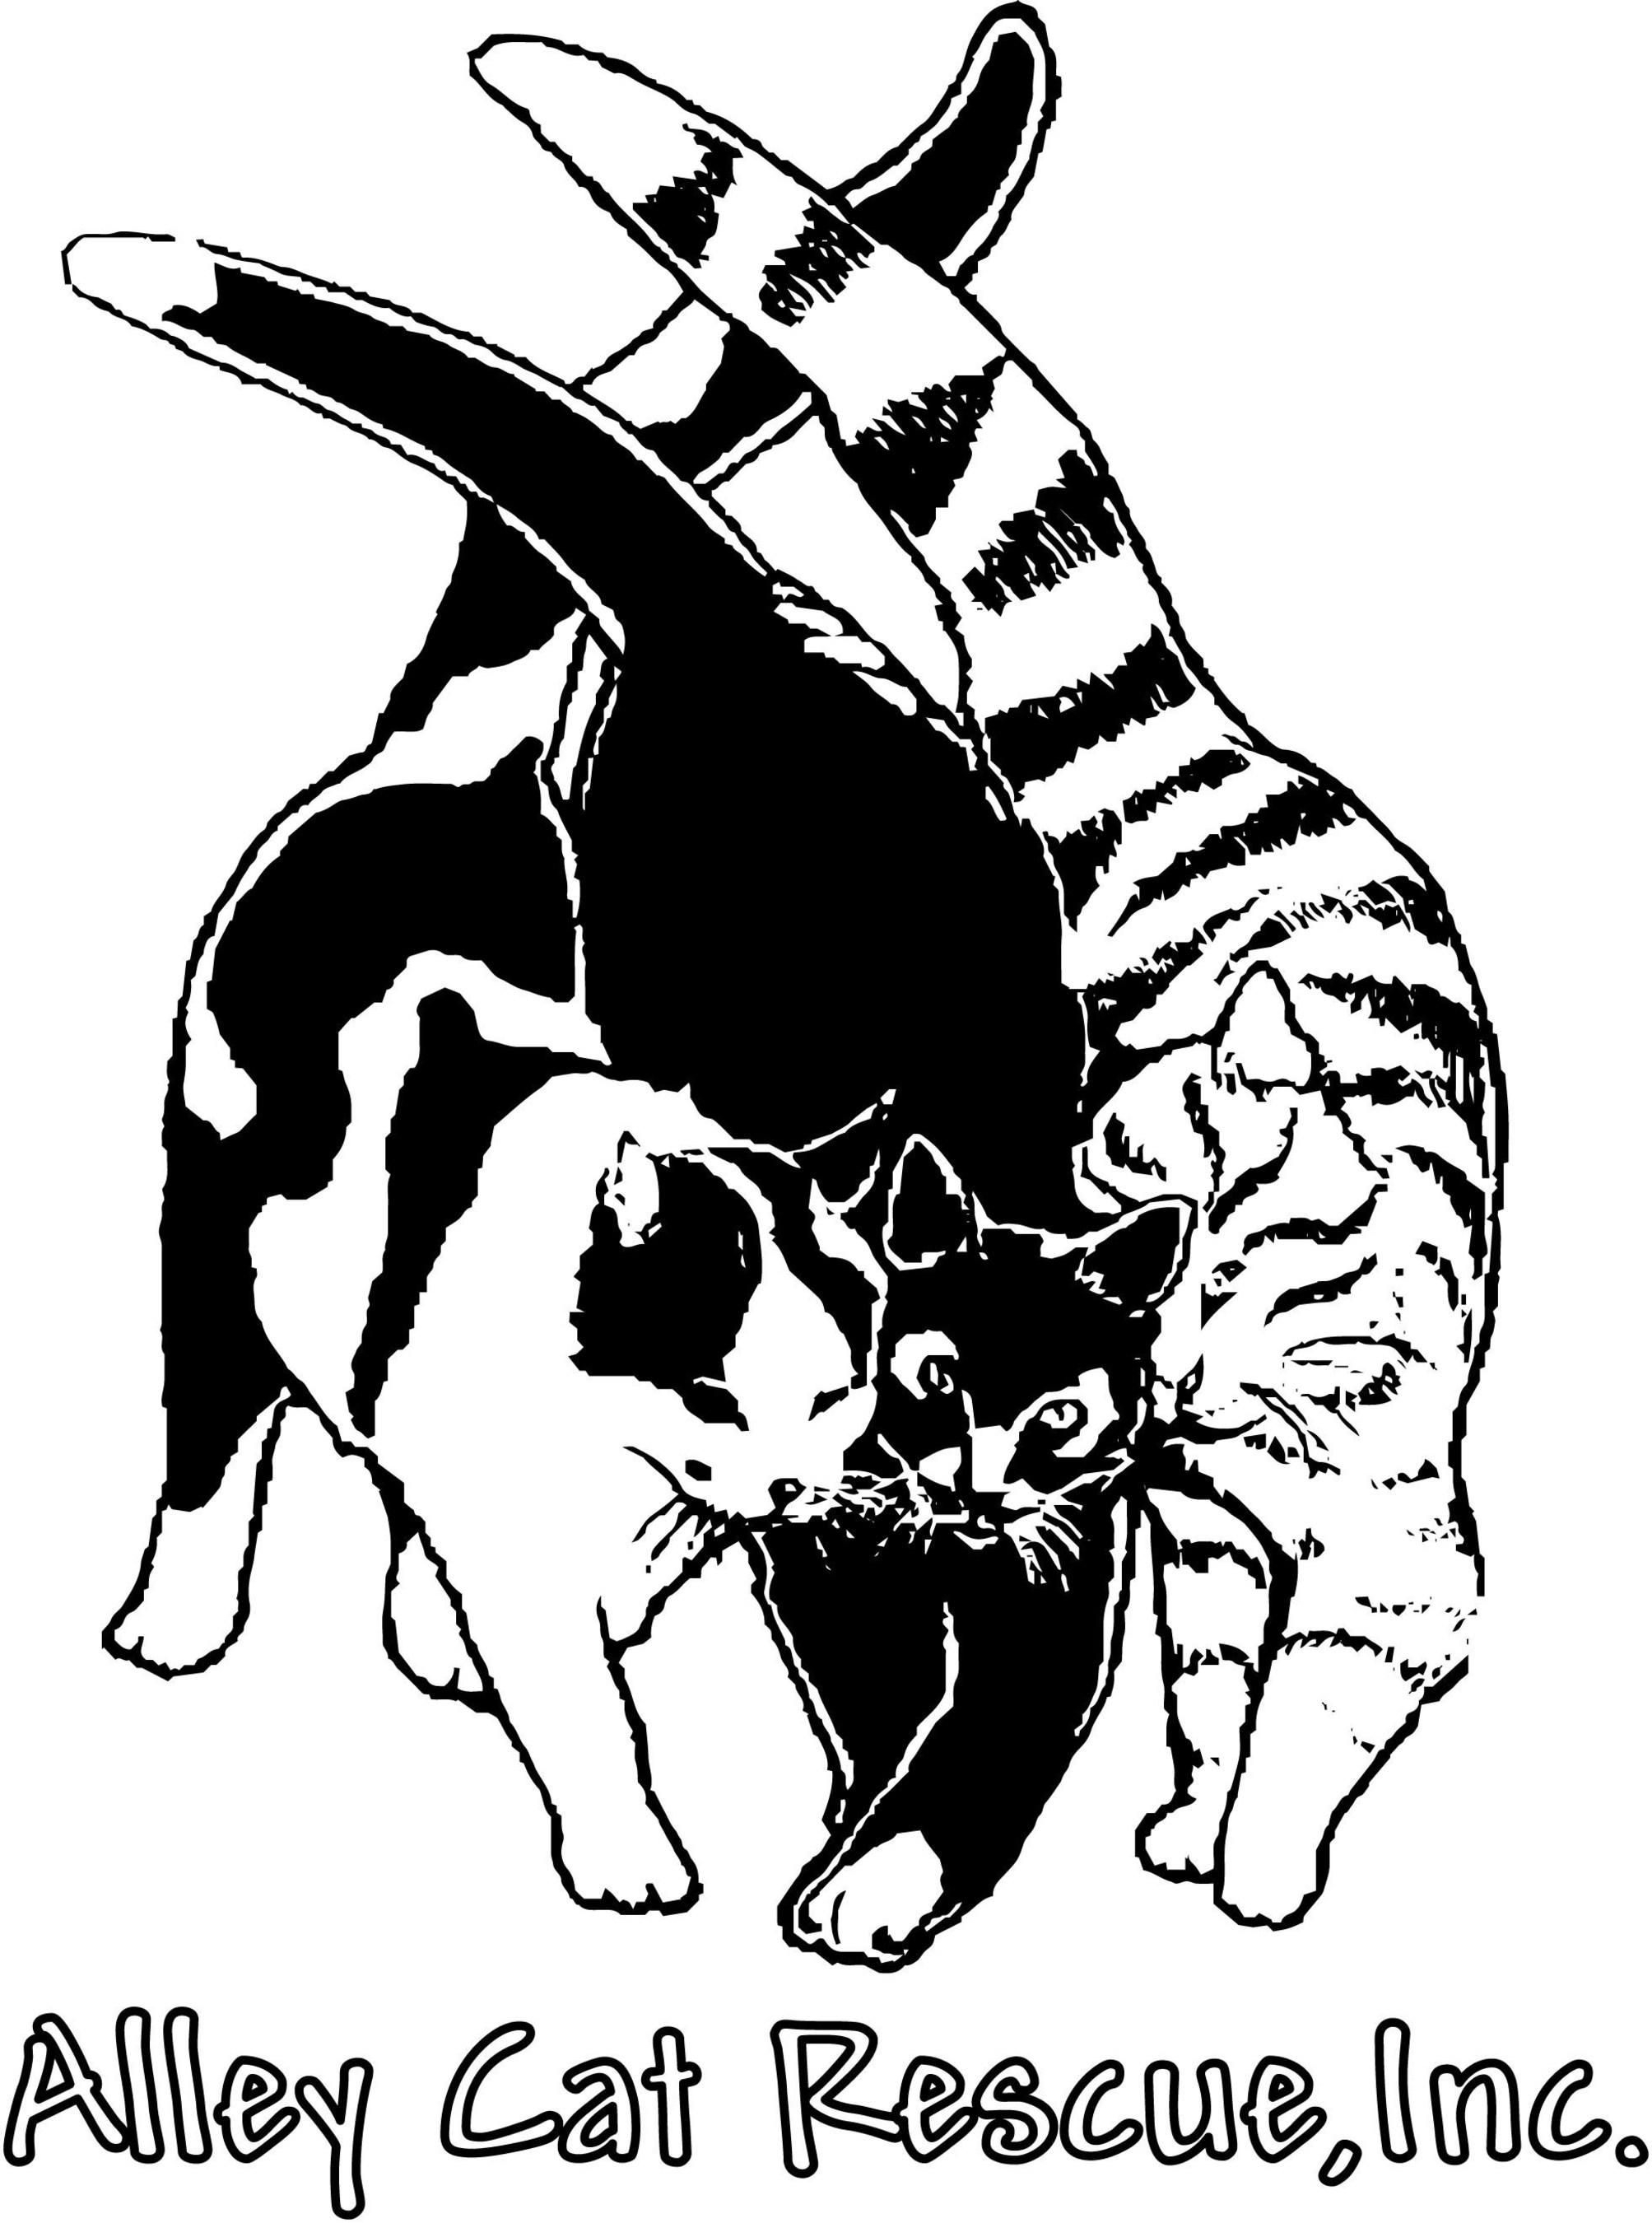 Alley Cat Rescue, Inc. - GuideStar Profile